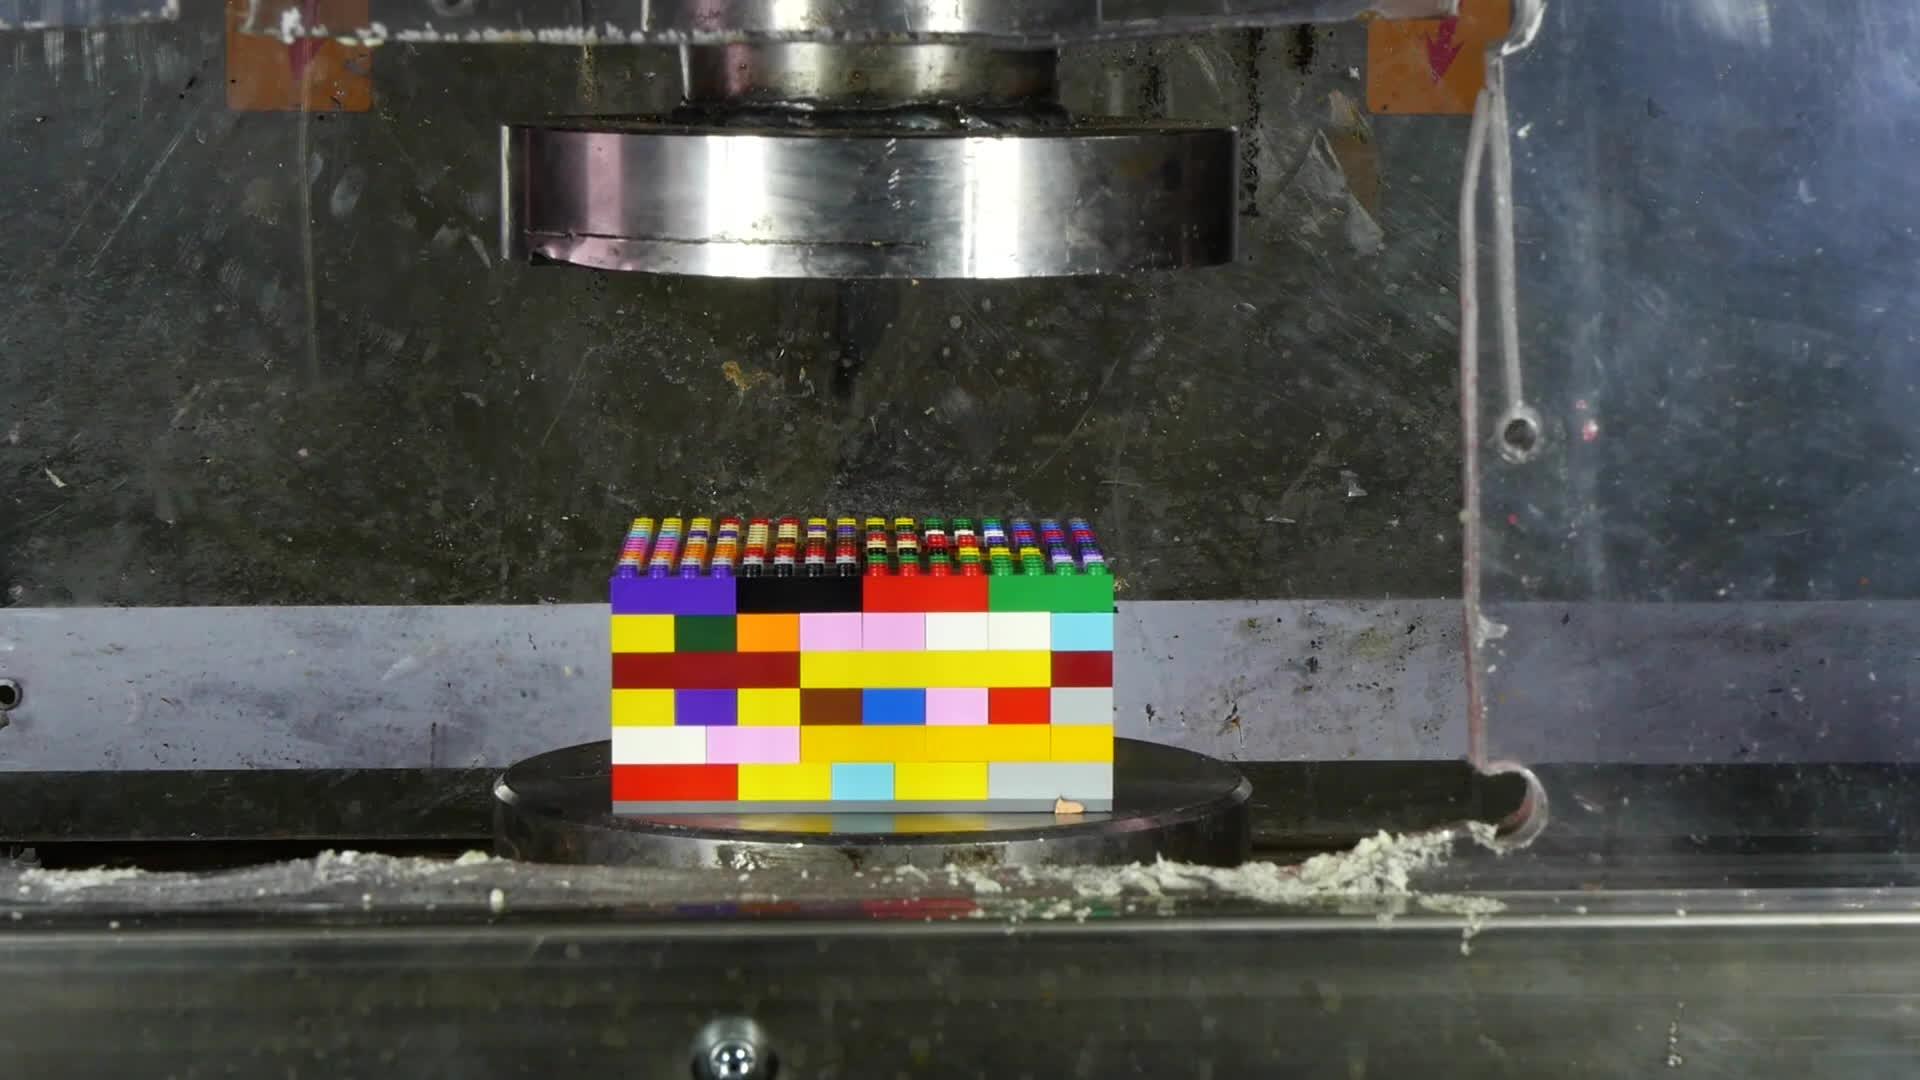 hydraulic press channel, hydraulicpresschannel, lego, Crushing Lego with Hydraulic Press GIFs